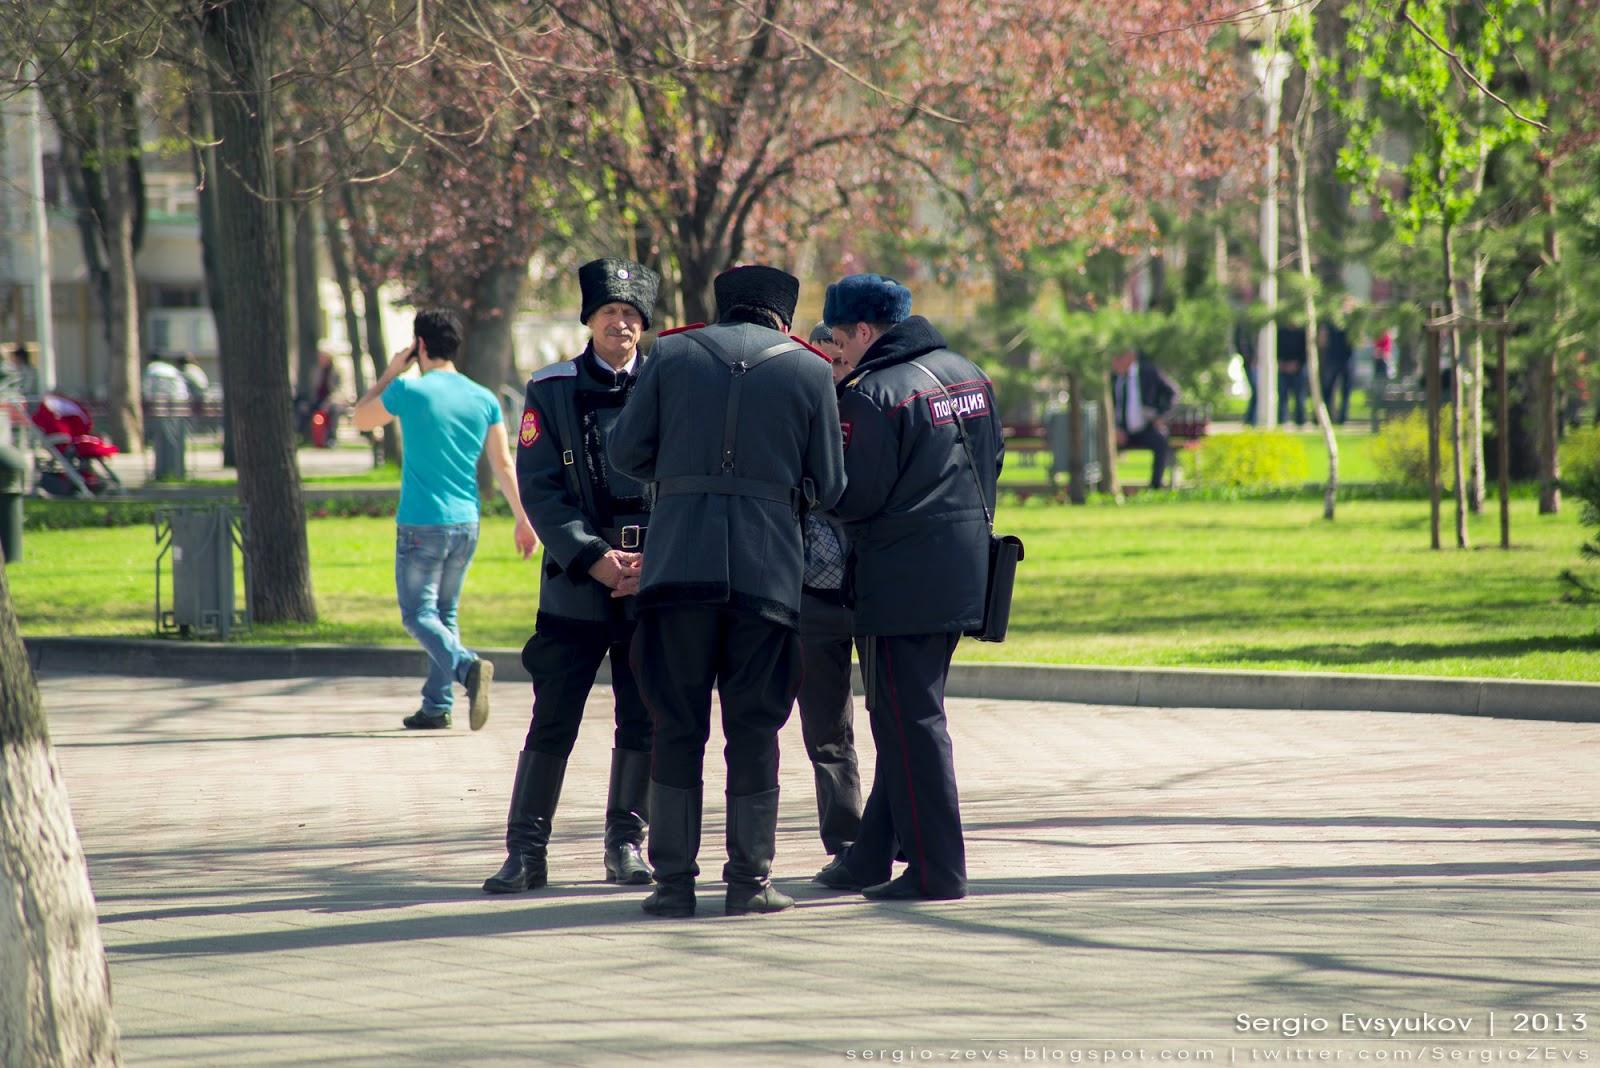 Казаки, полиция, Ткачев, Краснодар, Кубань, задержали, весна,